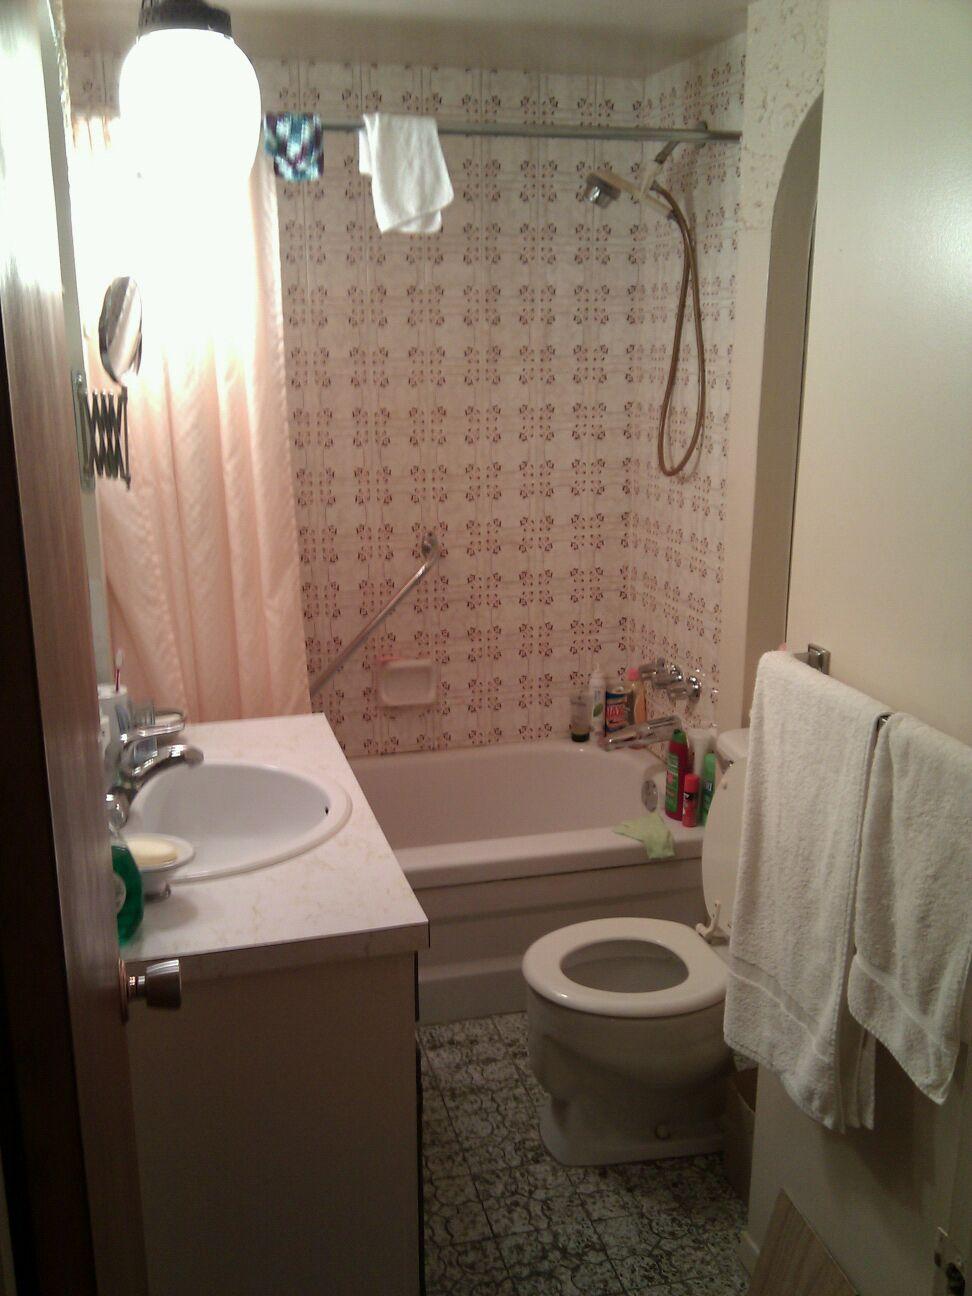 la nouvelle salle de bain etre radieuse par josianne brousseau. Black Bedroom Furniture Sets. Home Design Ideas